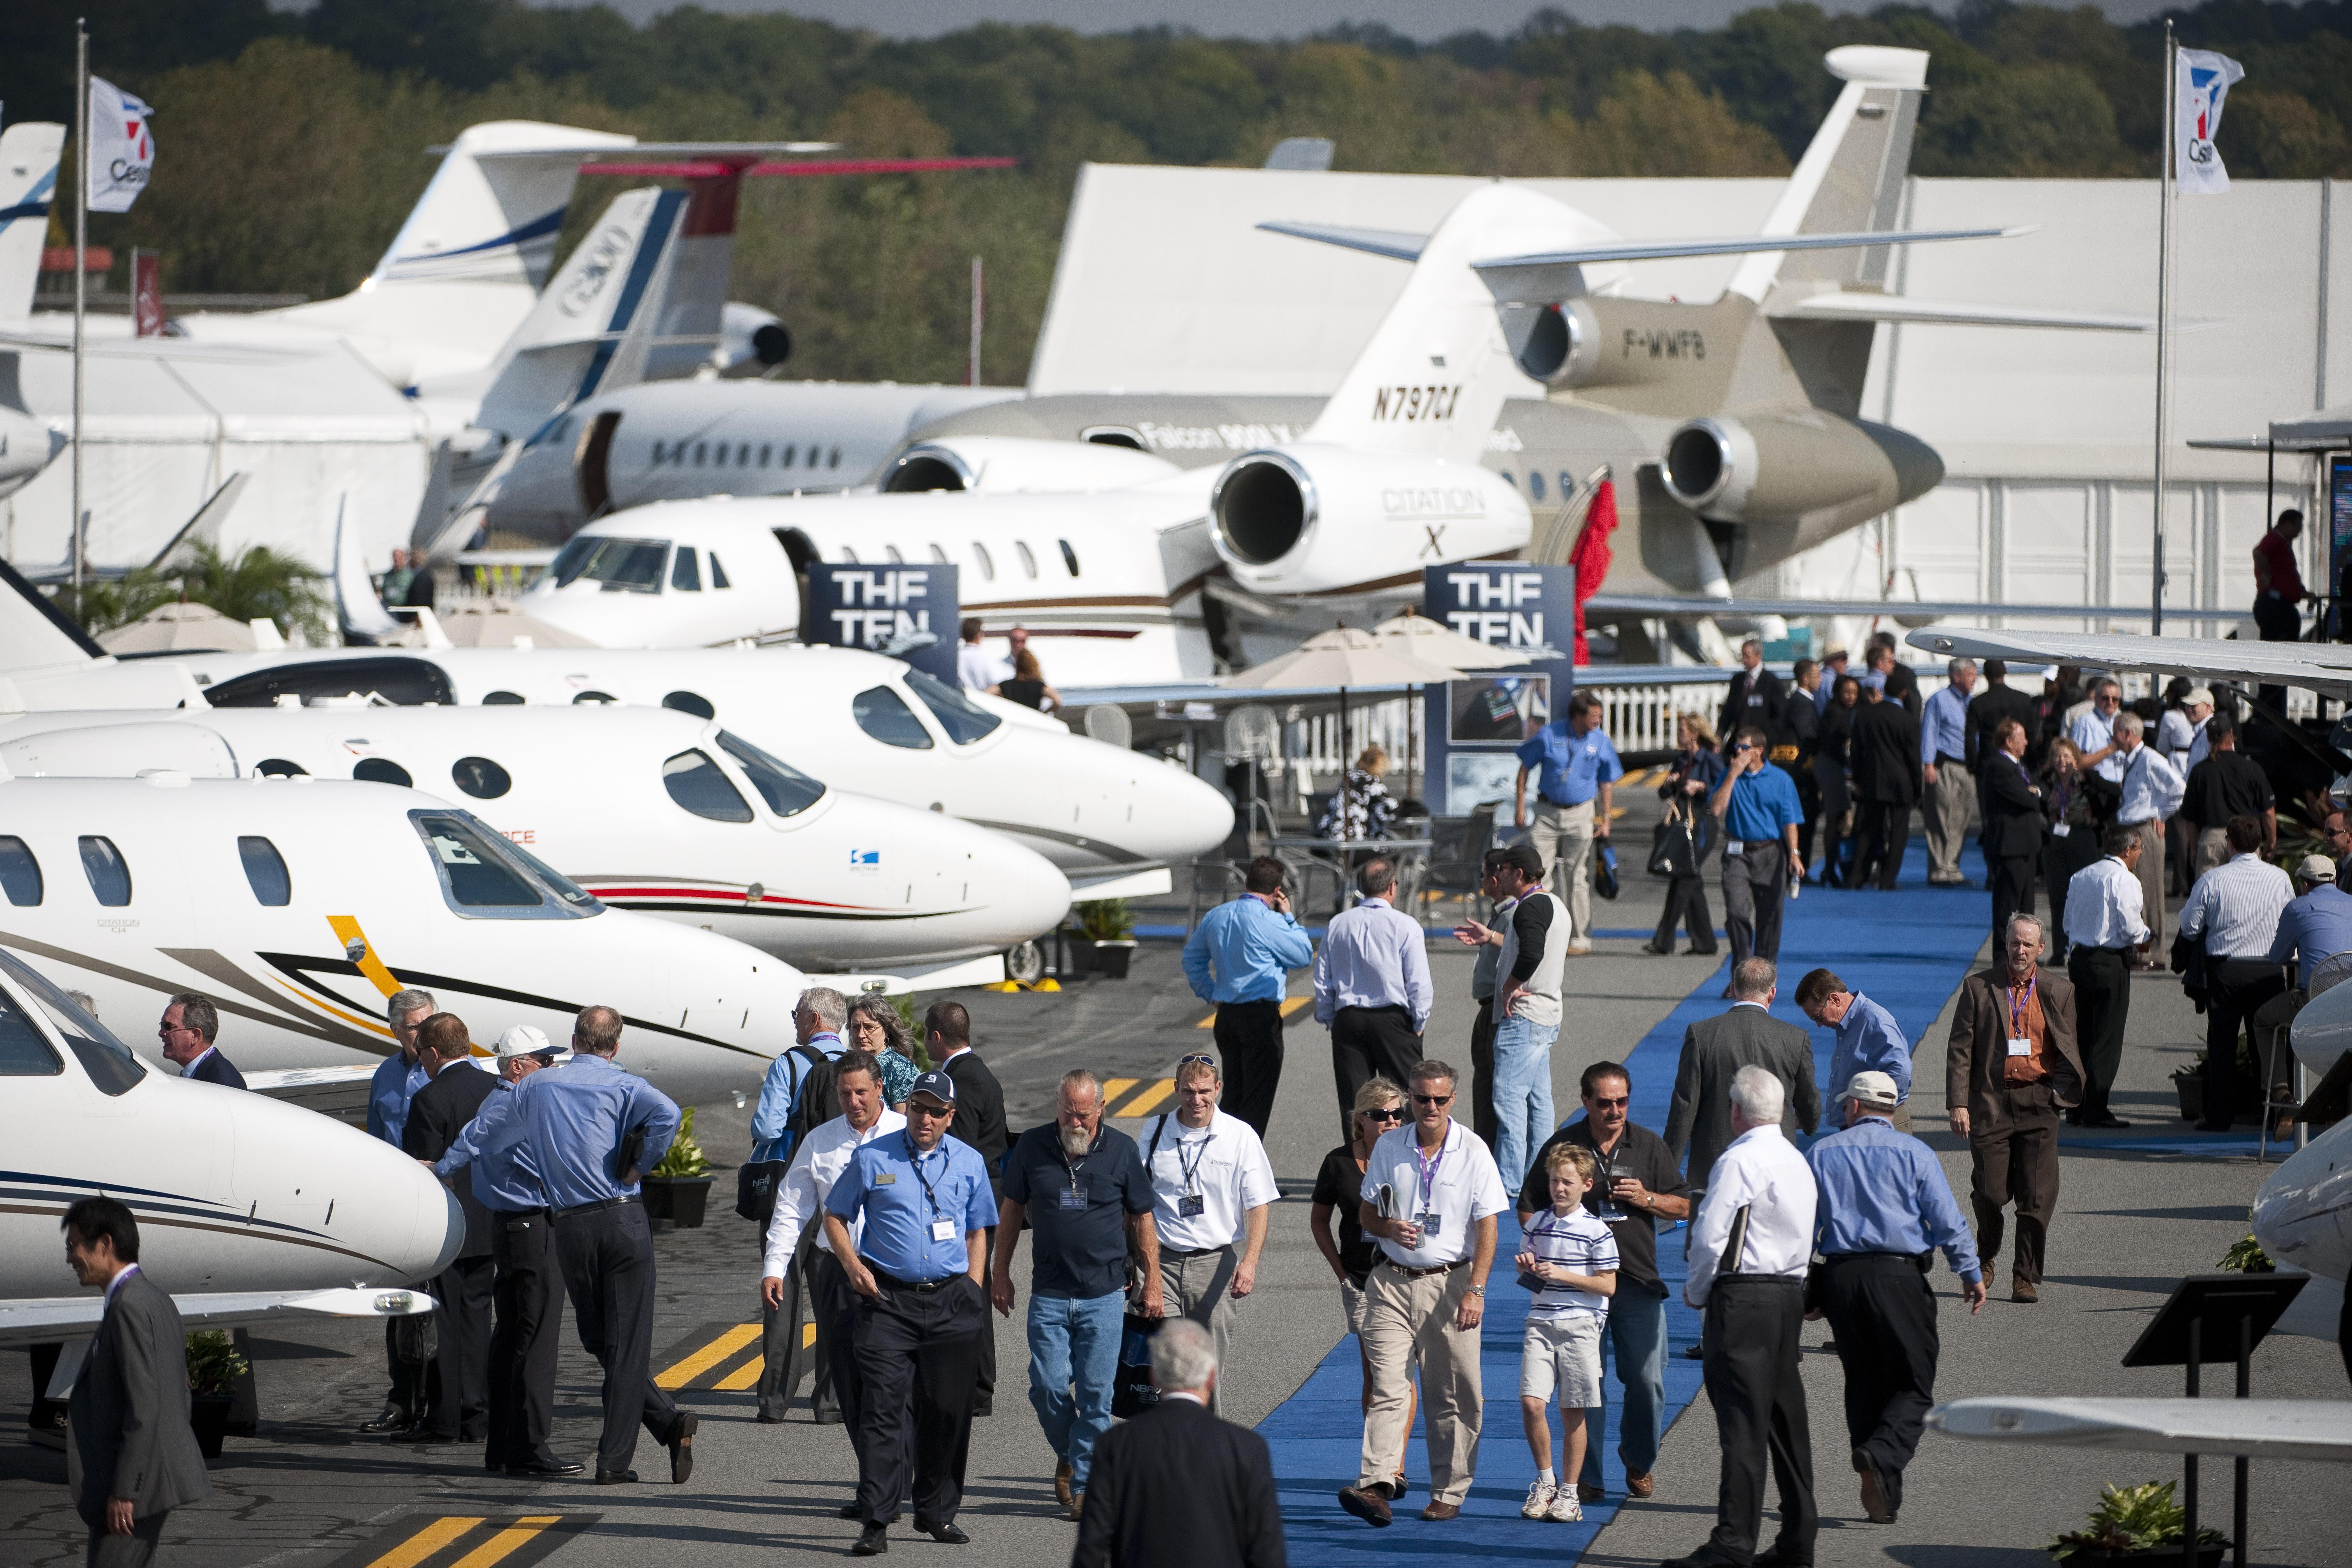 cobertura completa da nbaa 2014 - В Лас-Вегасе прошла самая крупная выставка бизнес-авиации